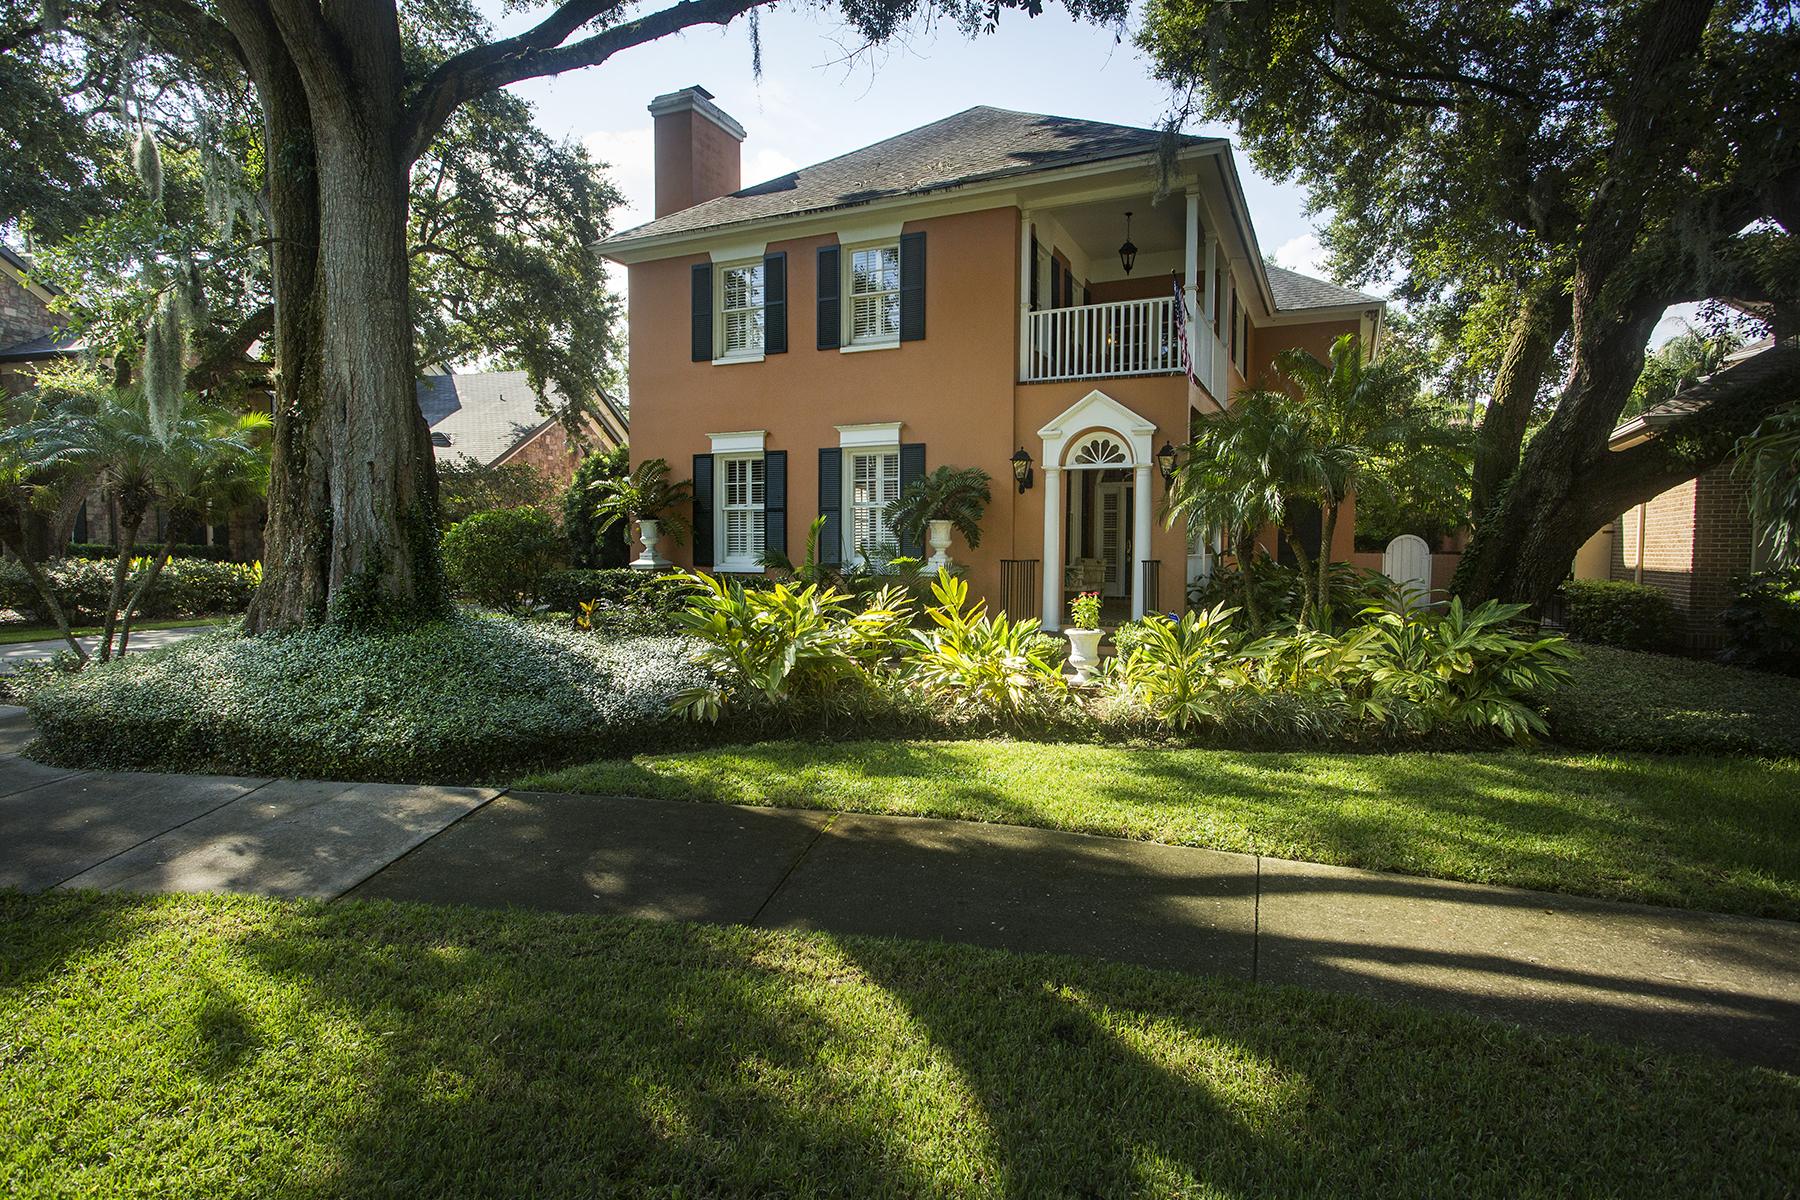 Maison unifamiliale pour l Vente à SOUTH TAMPA 4420 W Culbreath Ave Tampa, Florida 33609 États-Unis